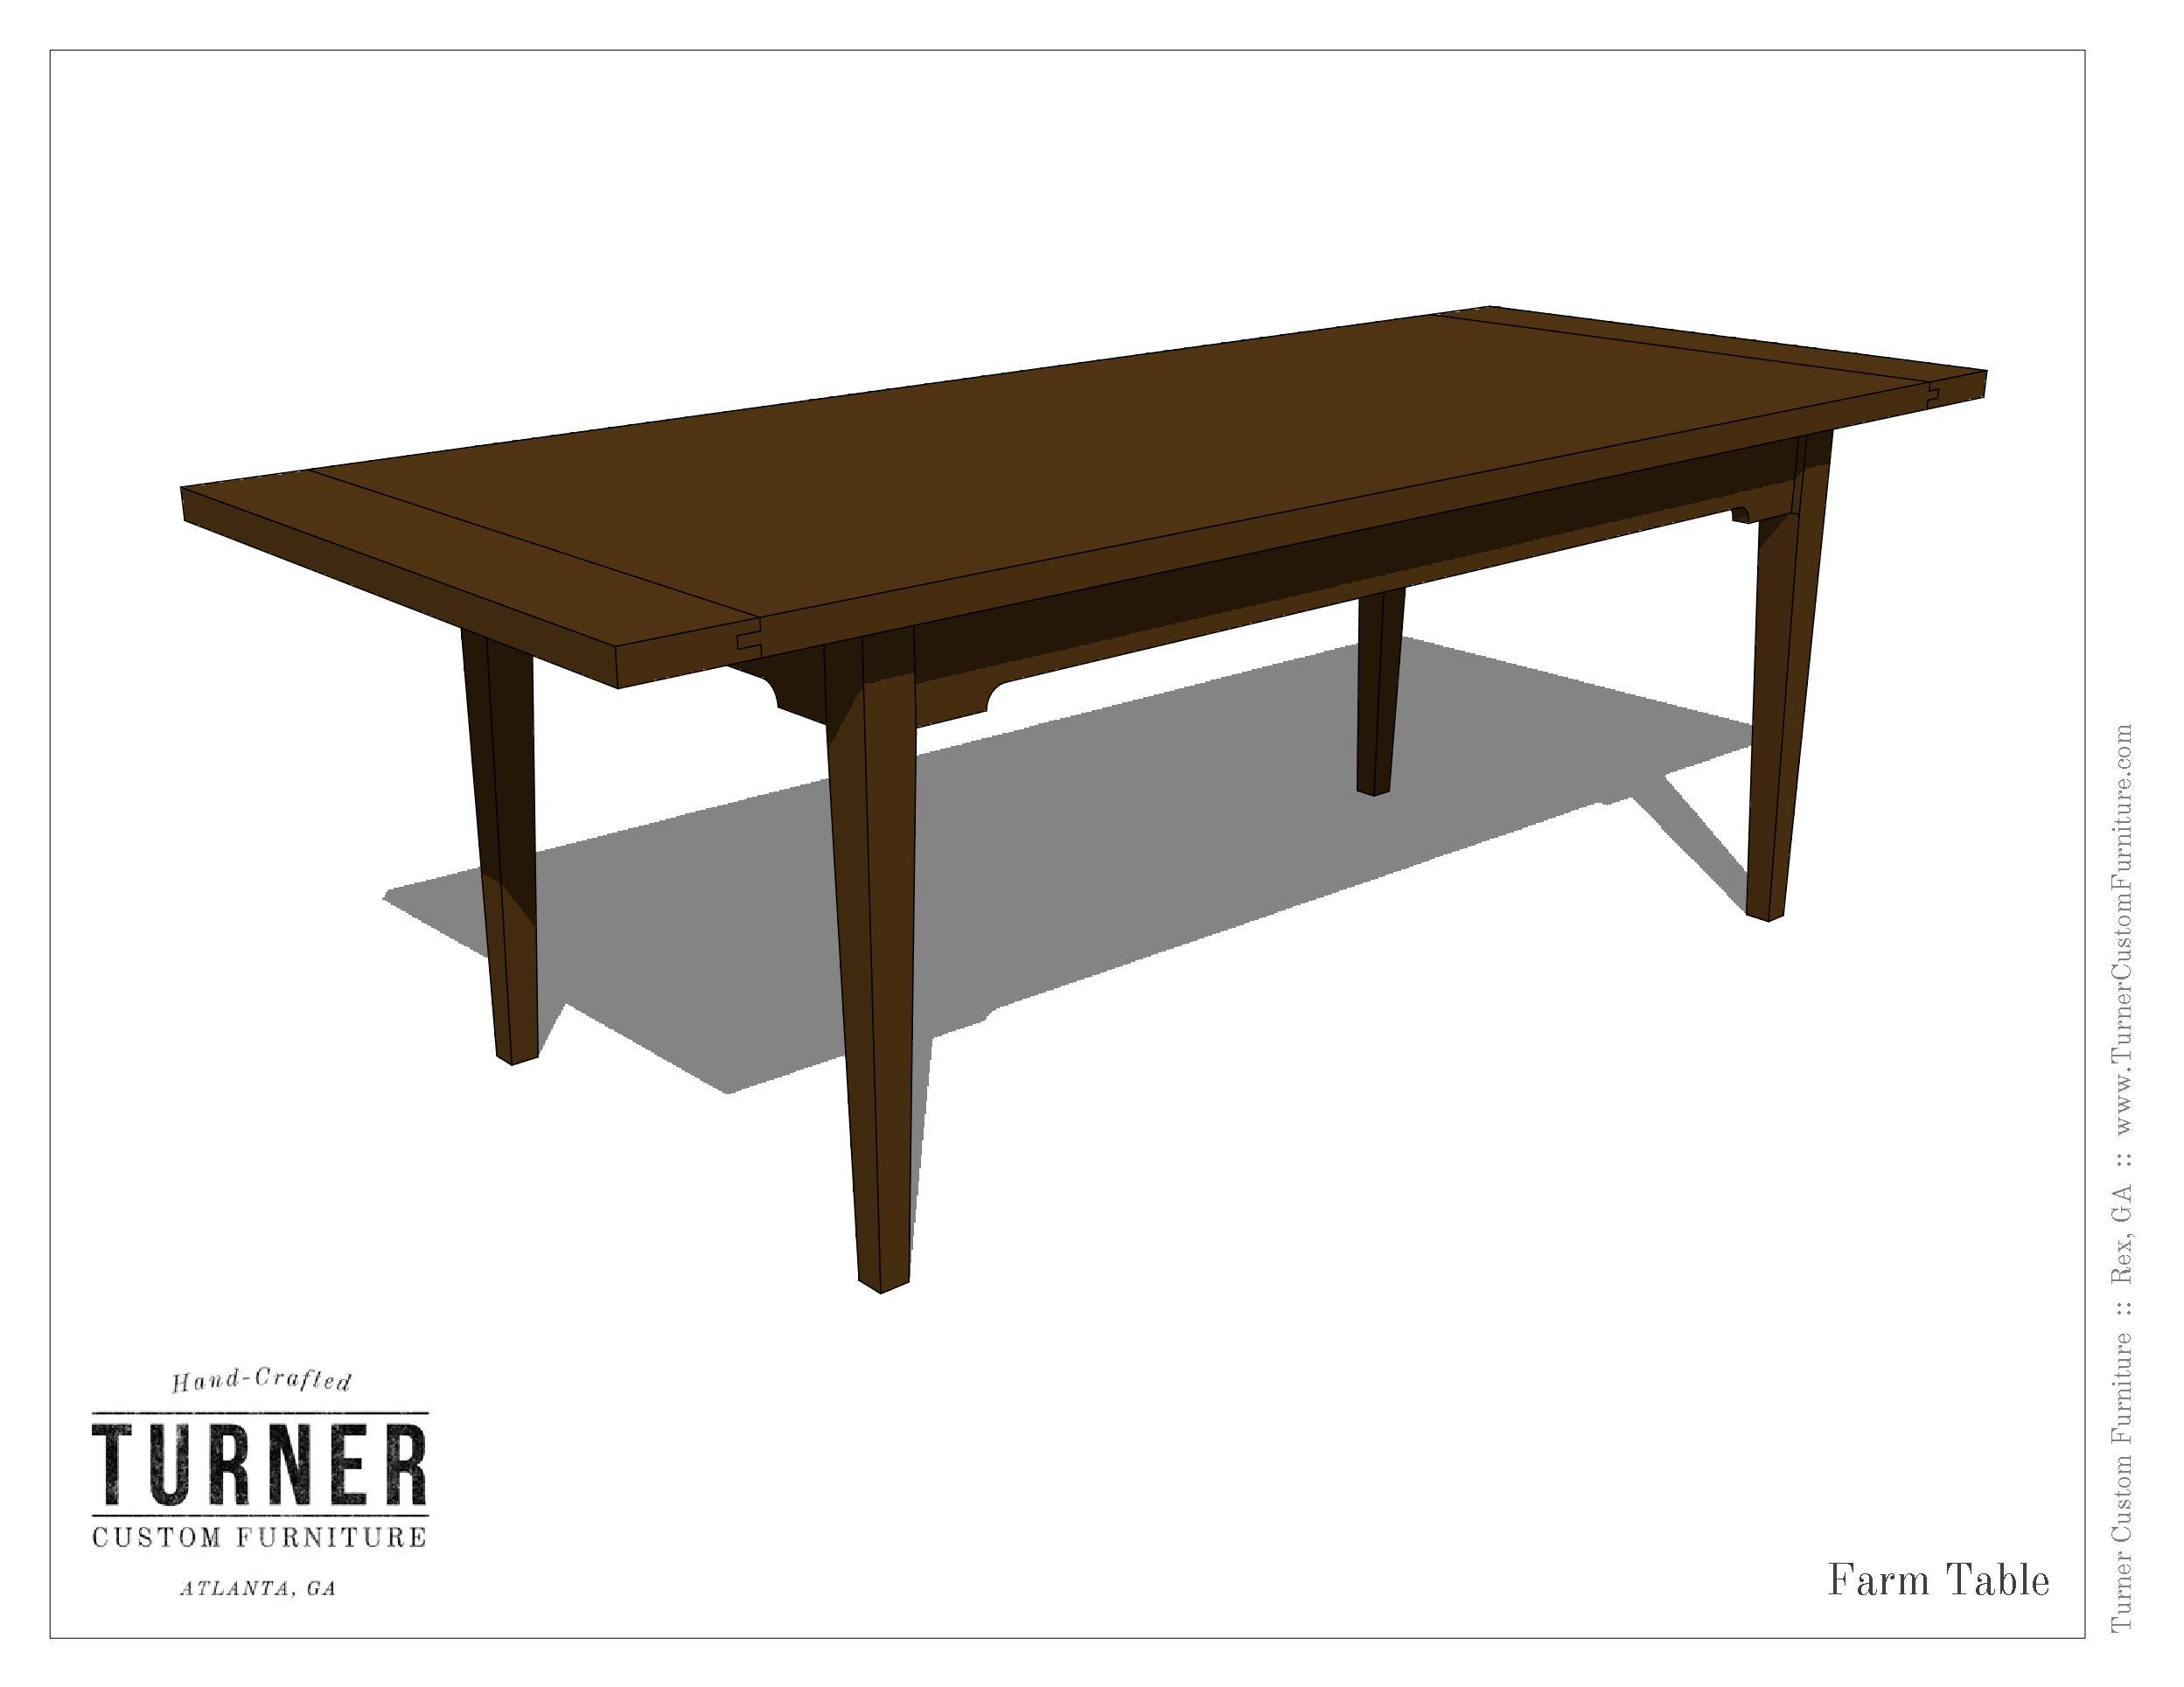 Table Builder_03.jpg